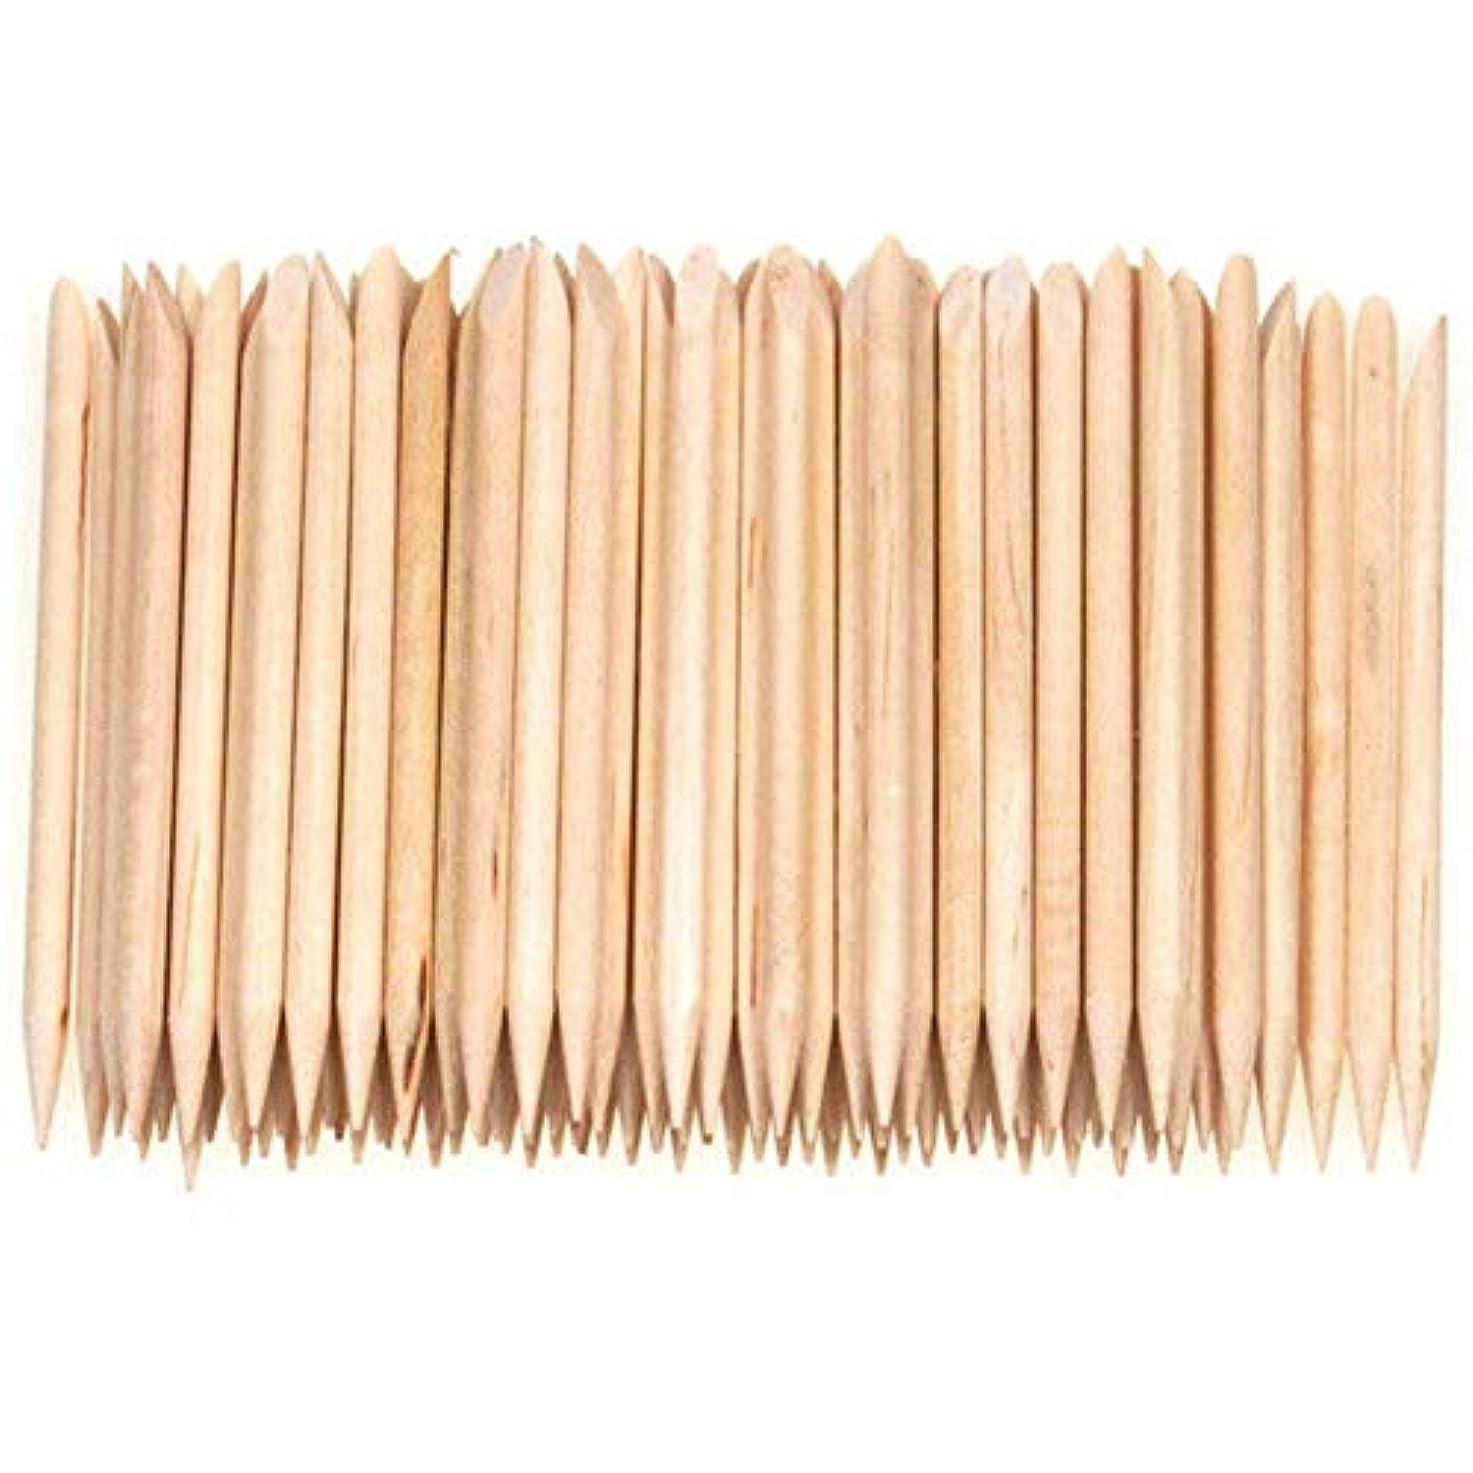 写真を描く統計閉じ込めるVaorwne 100個ネイルアートデザイン木製の棒キューティクルプッシャーリムーバーマニキュアケア